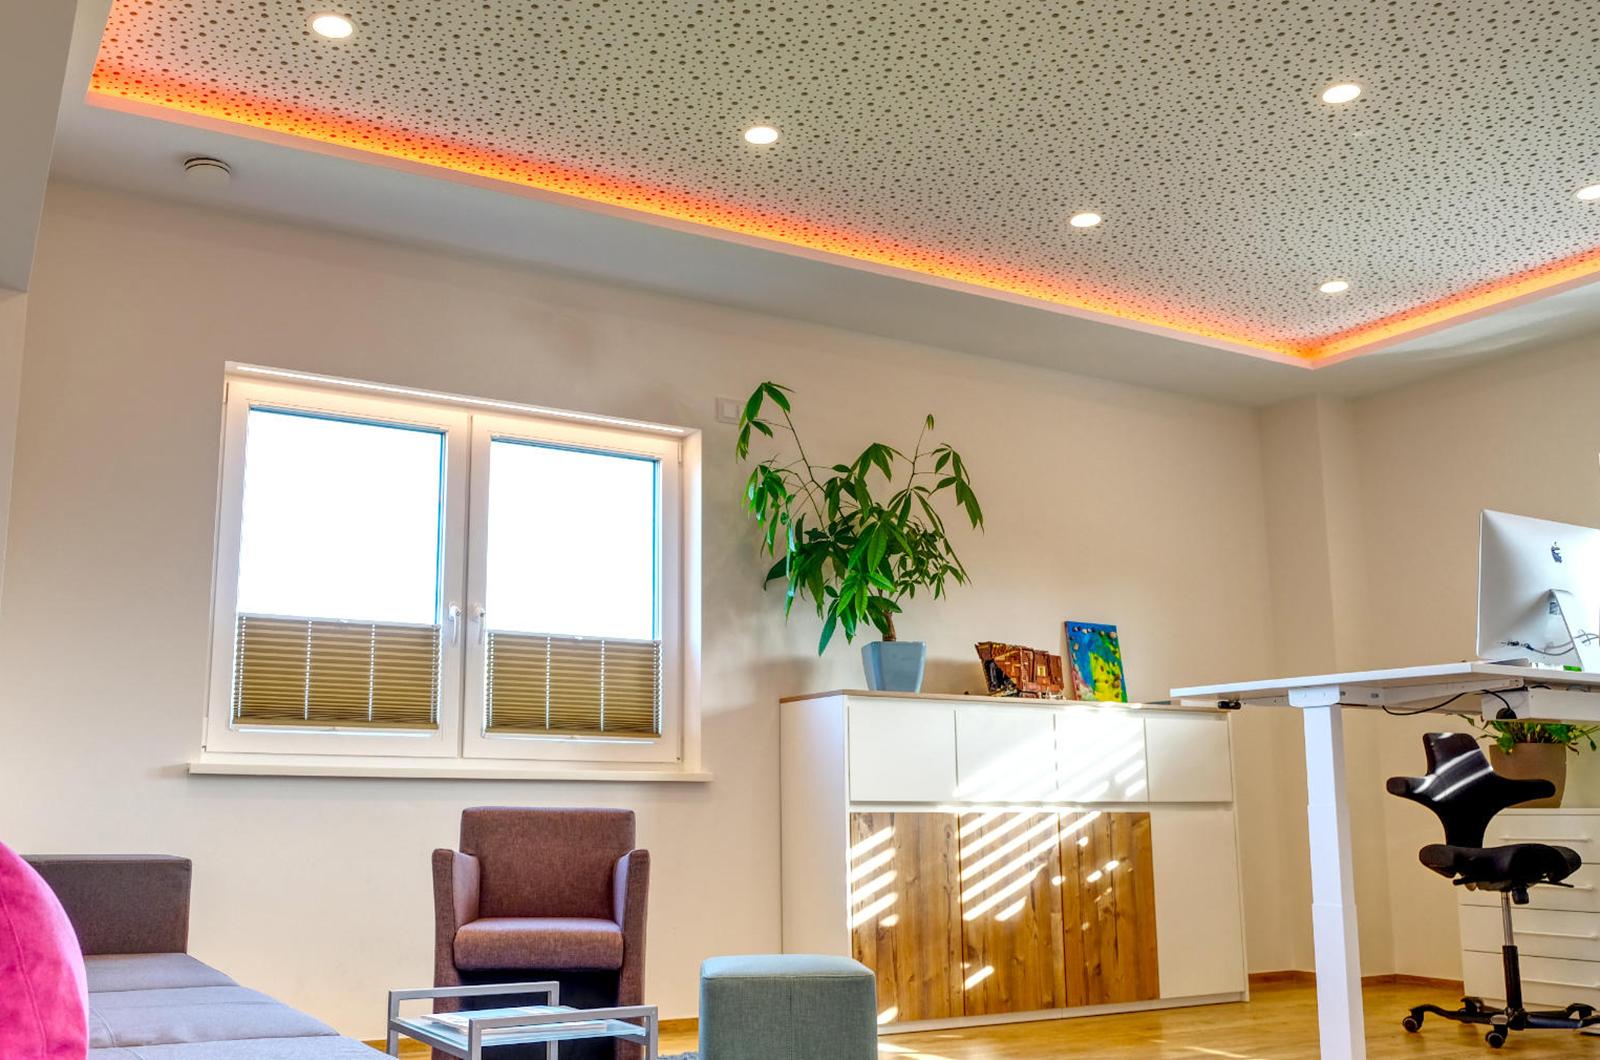 Full Size of Indirekte Beleuchtung Decke Richtige Brobeleuchtung Tipps Tricks Deckenleuchten Schlafzimmer Fenster Bad Deckenleuchte Modern Badezimmer Decken Led Küche Wohnzimmer Indirekte Beleuchtung Decke